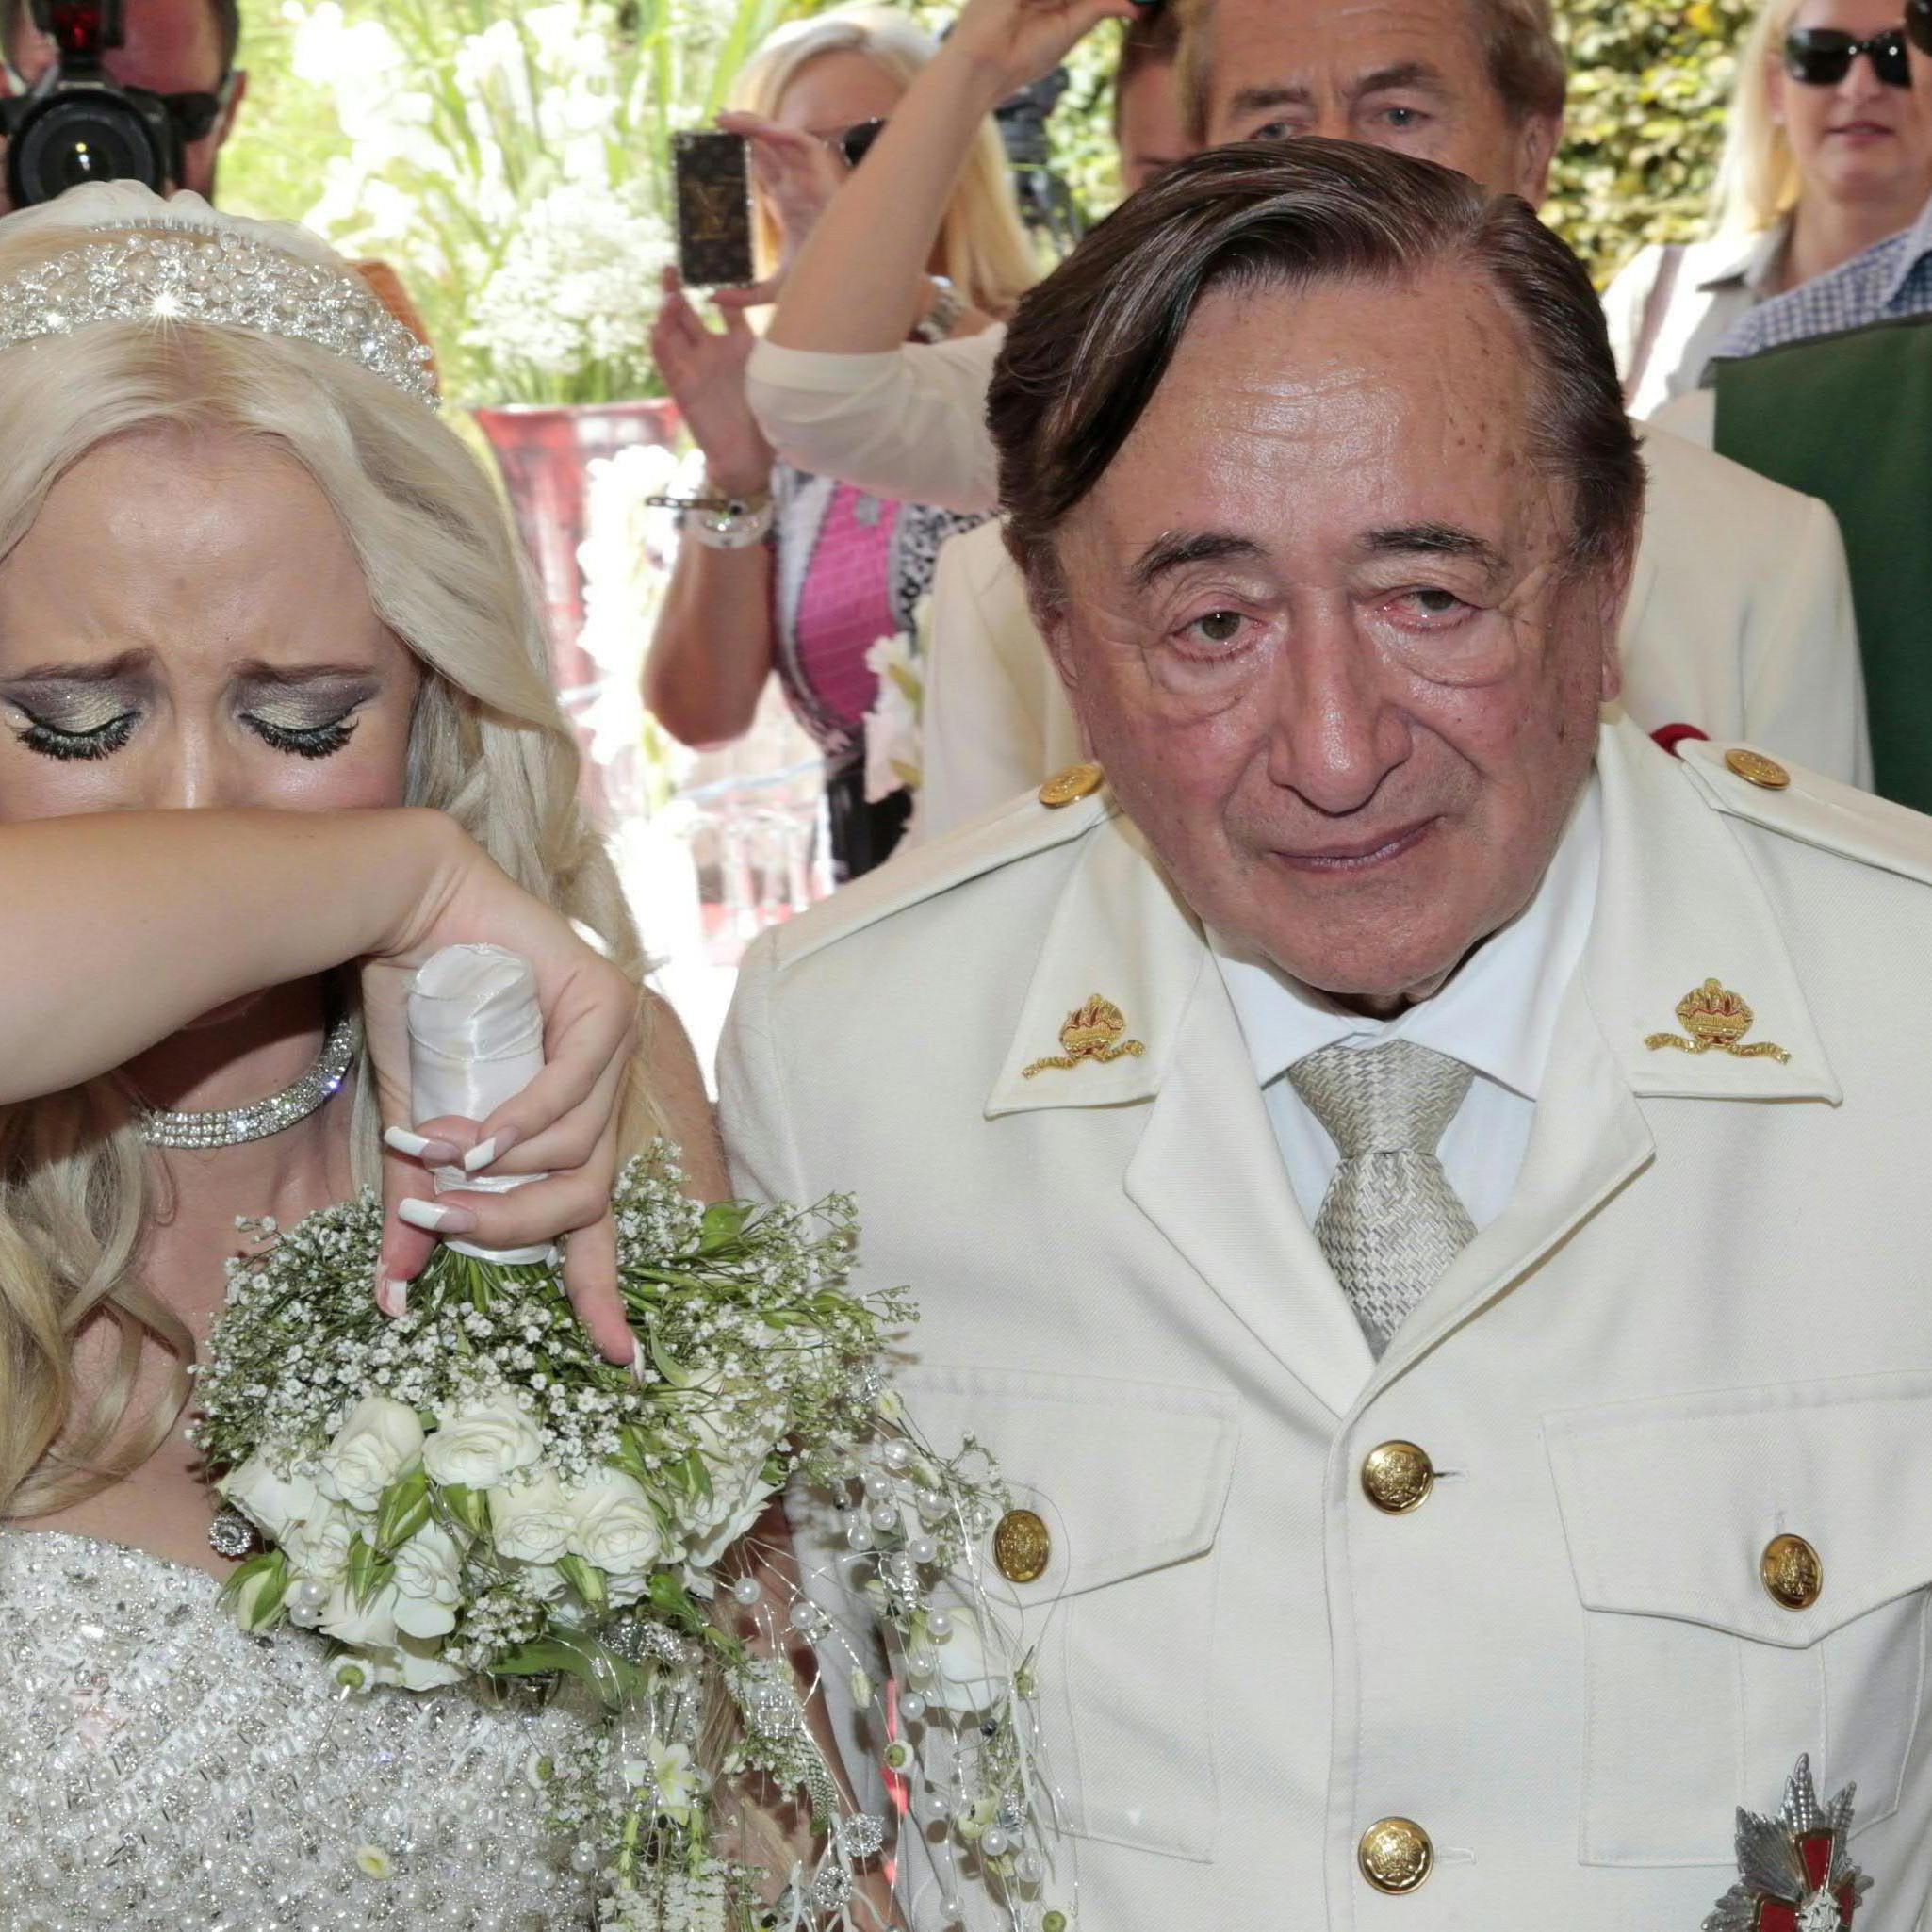 Attacke auf Lugners Hochzeitstorte beim Probeessen